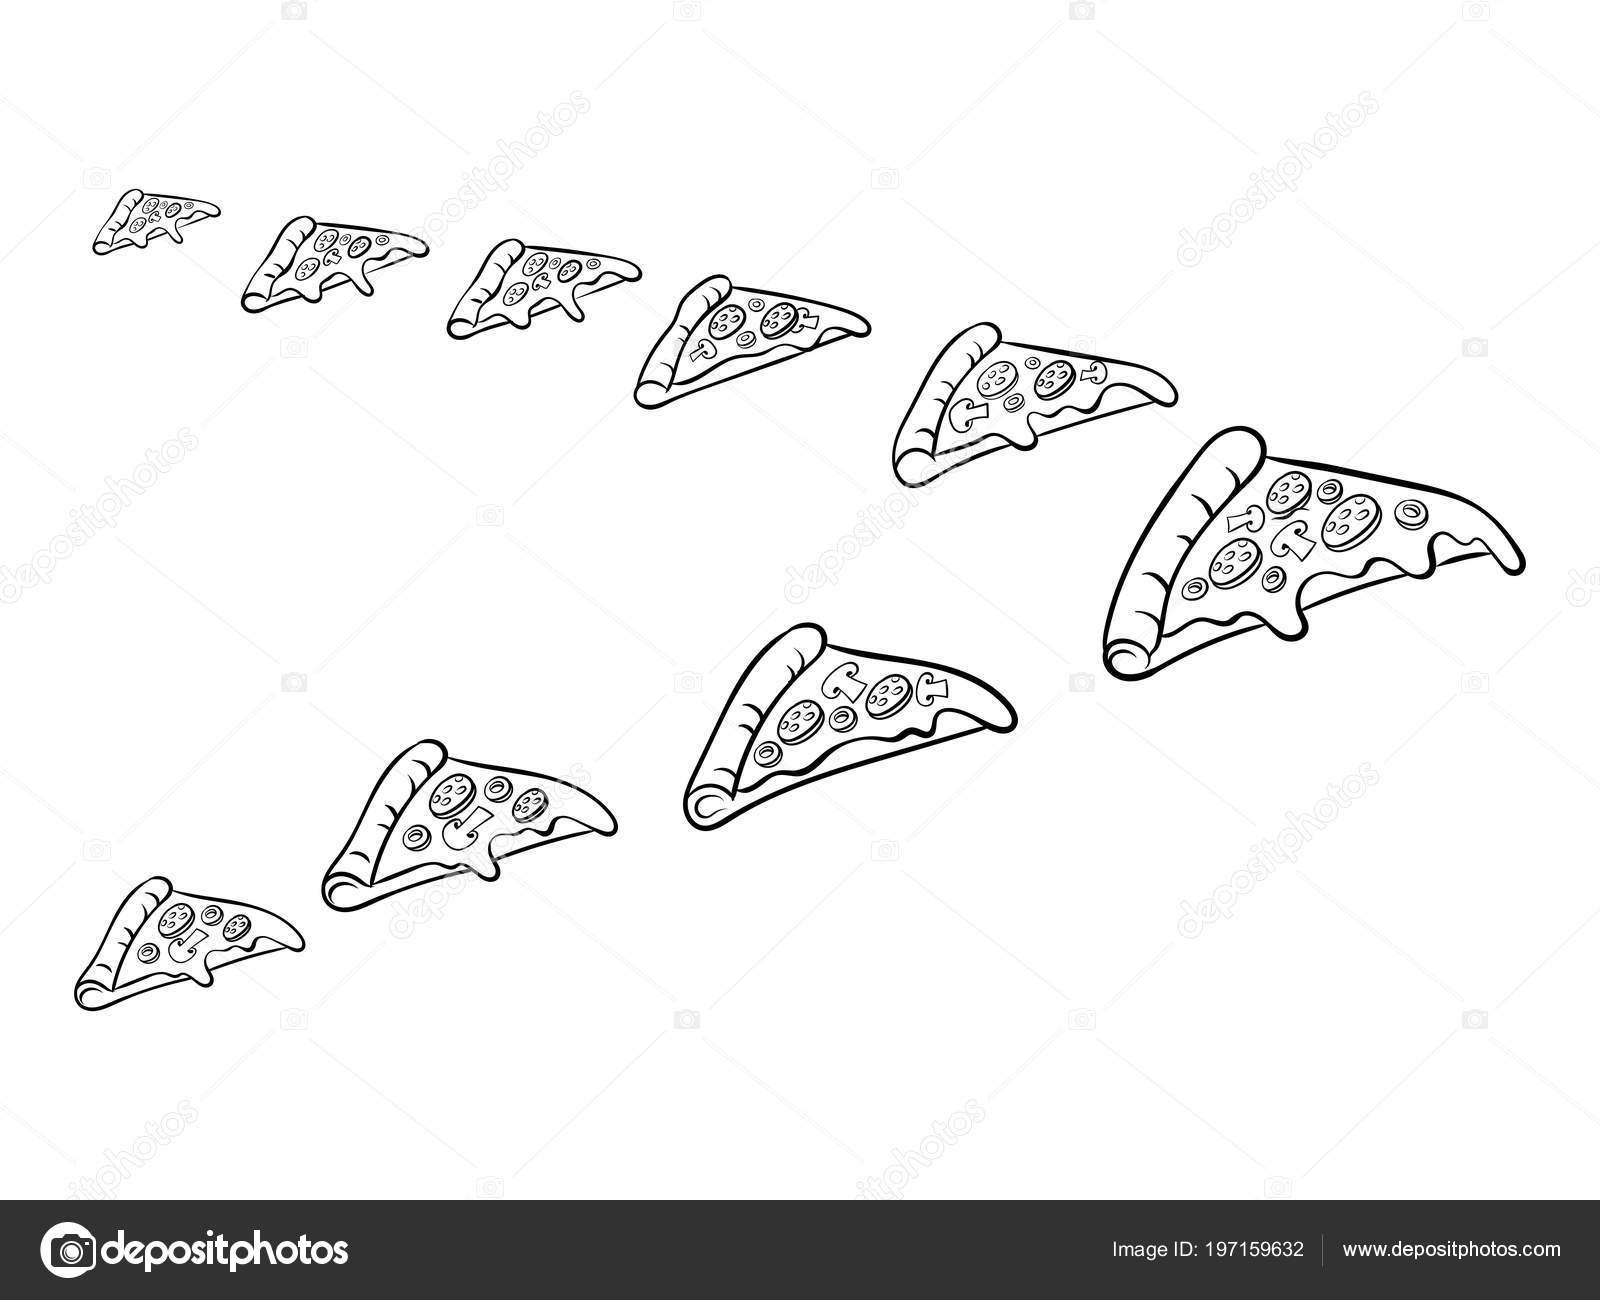 Rebanada de pizza como aves colorear ilustración vectorial — Archivo ...